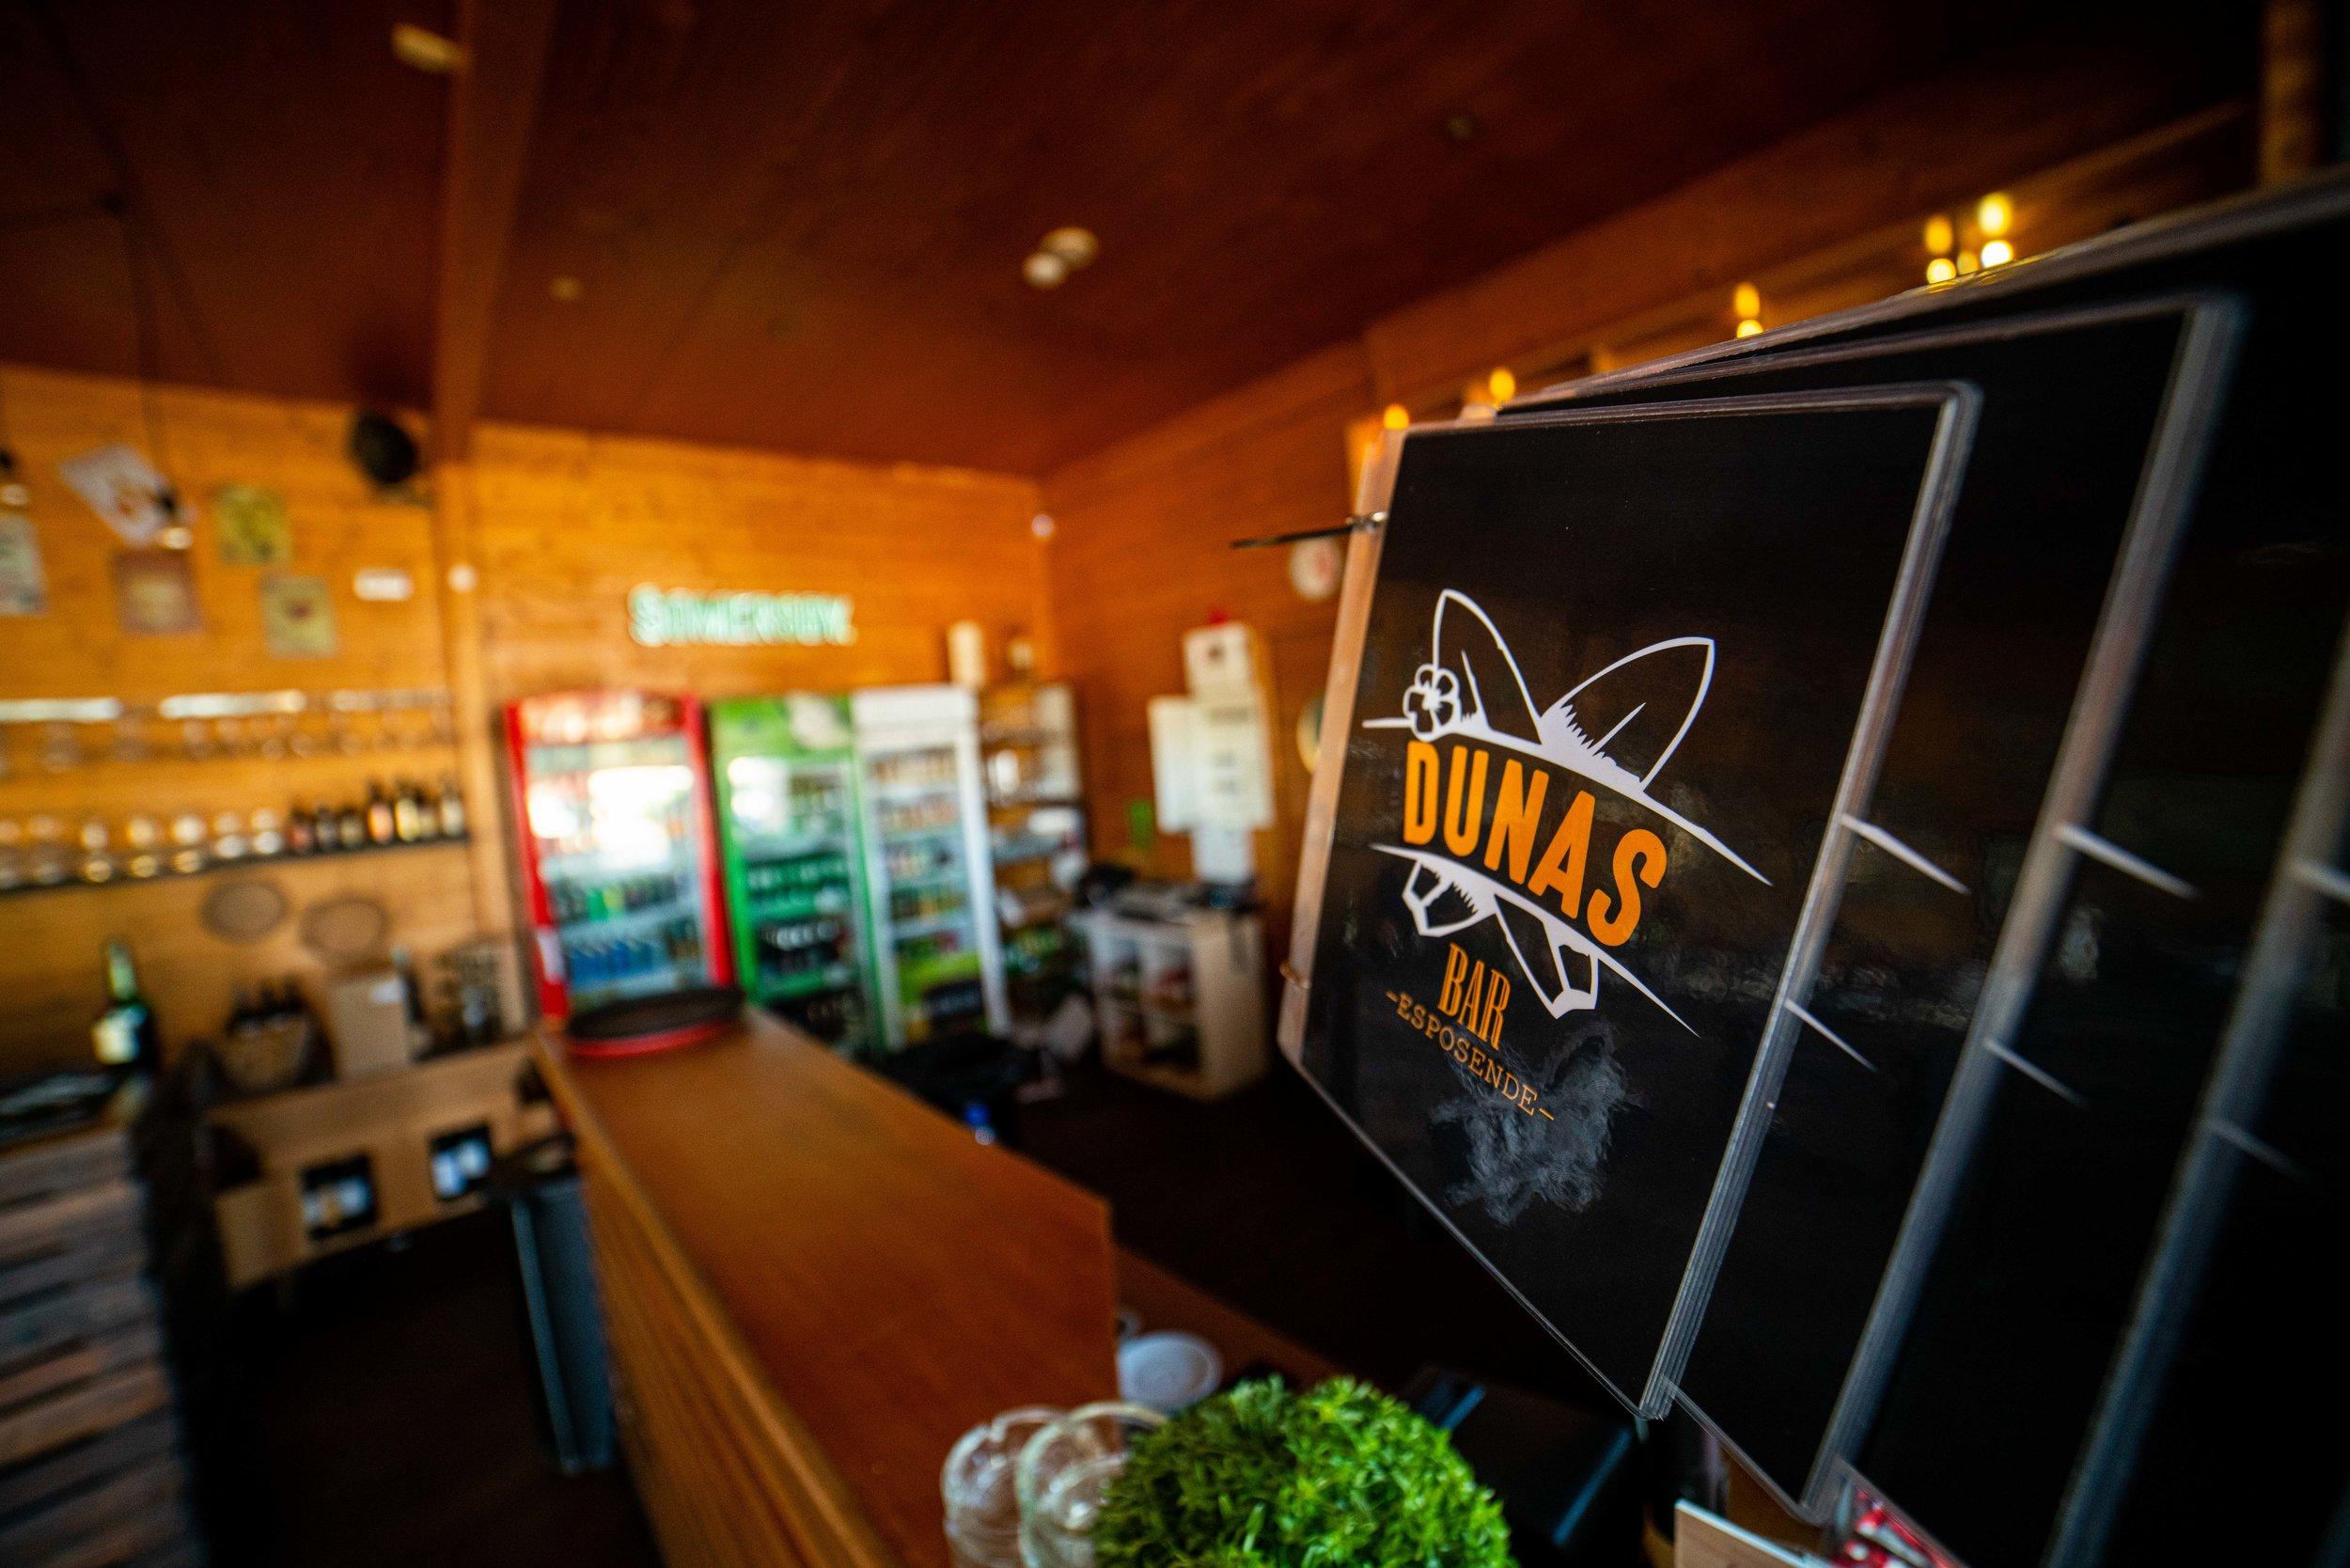 Dunas_Bar_I-3.jpg